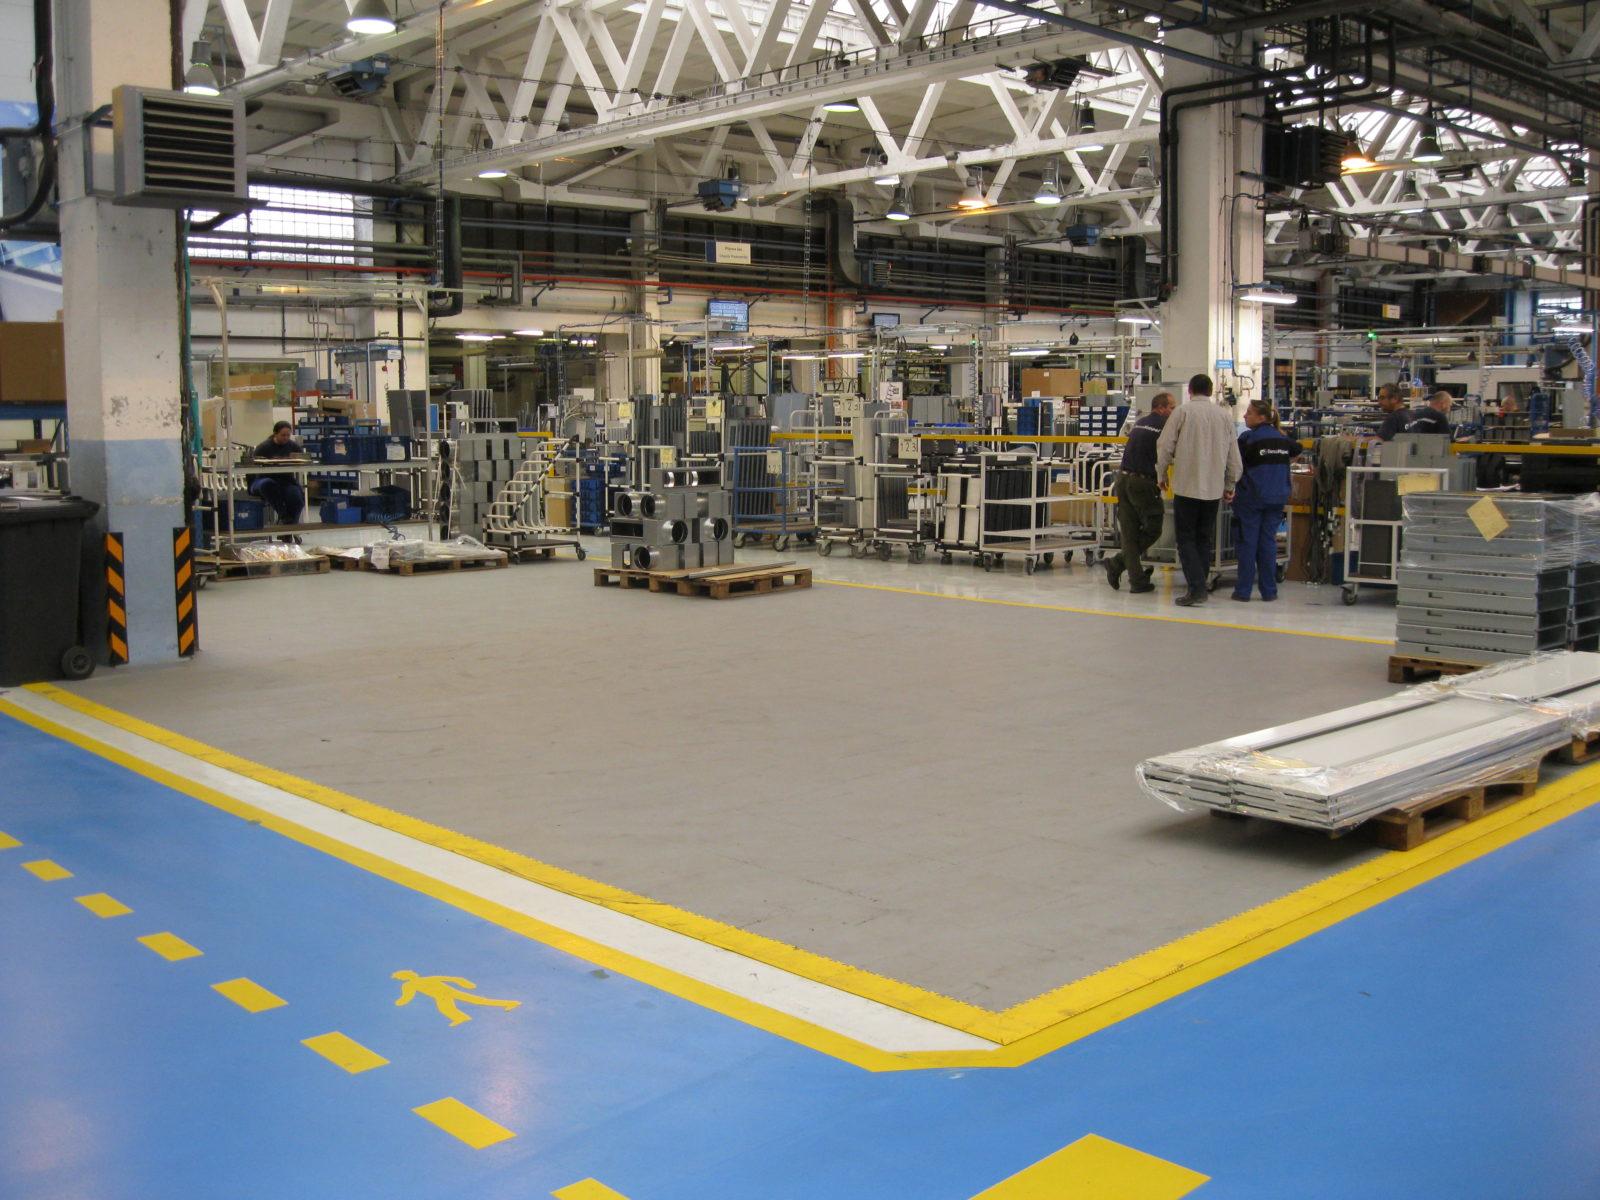 industrieboden-werkstatt-jp-mechanic-pvc-fliese-platte-produktion-fertigung-industriehalle-gabelstaplerbefahrbar-4